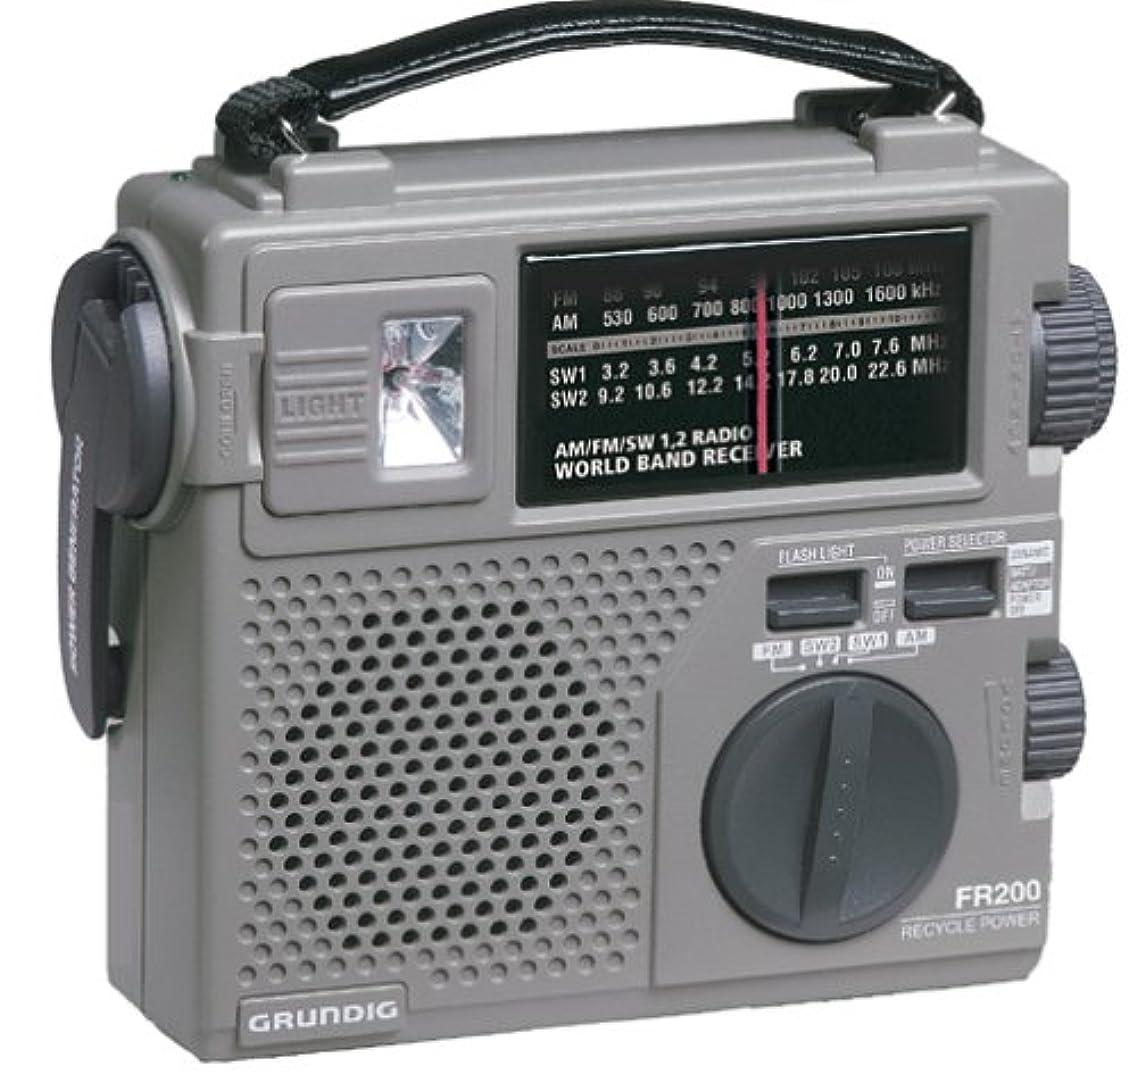 から開示するミニチュアGrundig FR200 緊急無線 (製造元により製造中止)